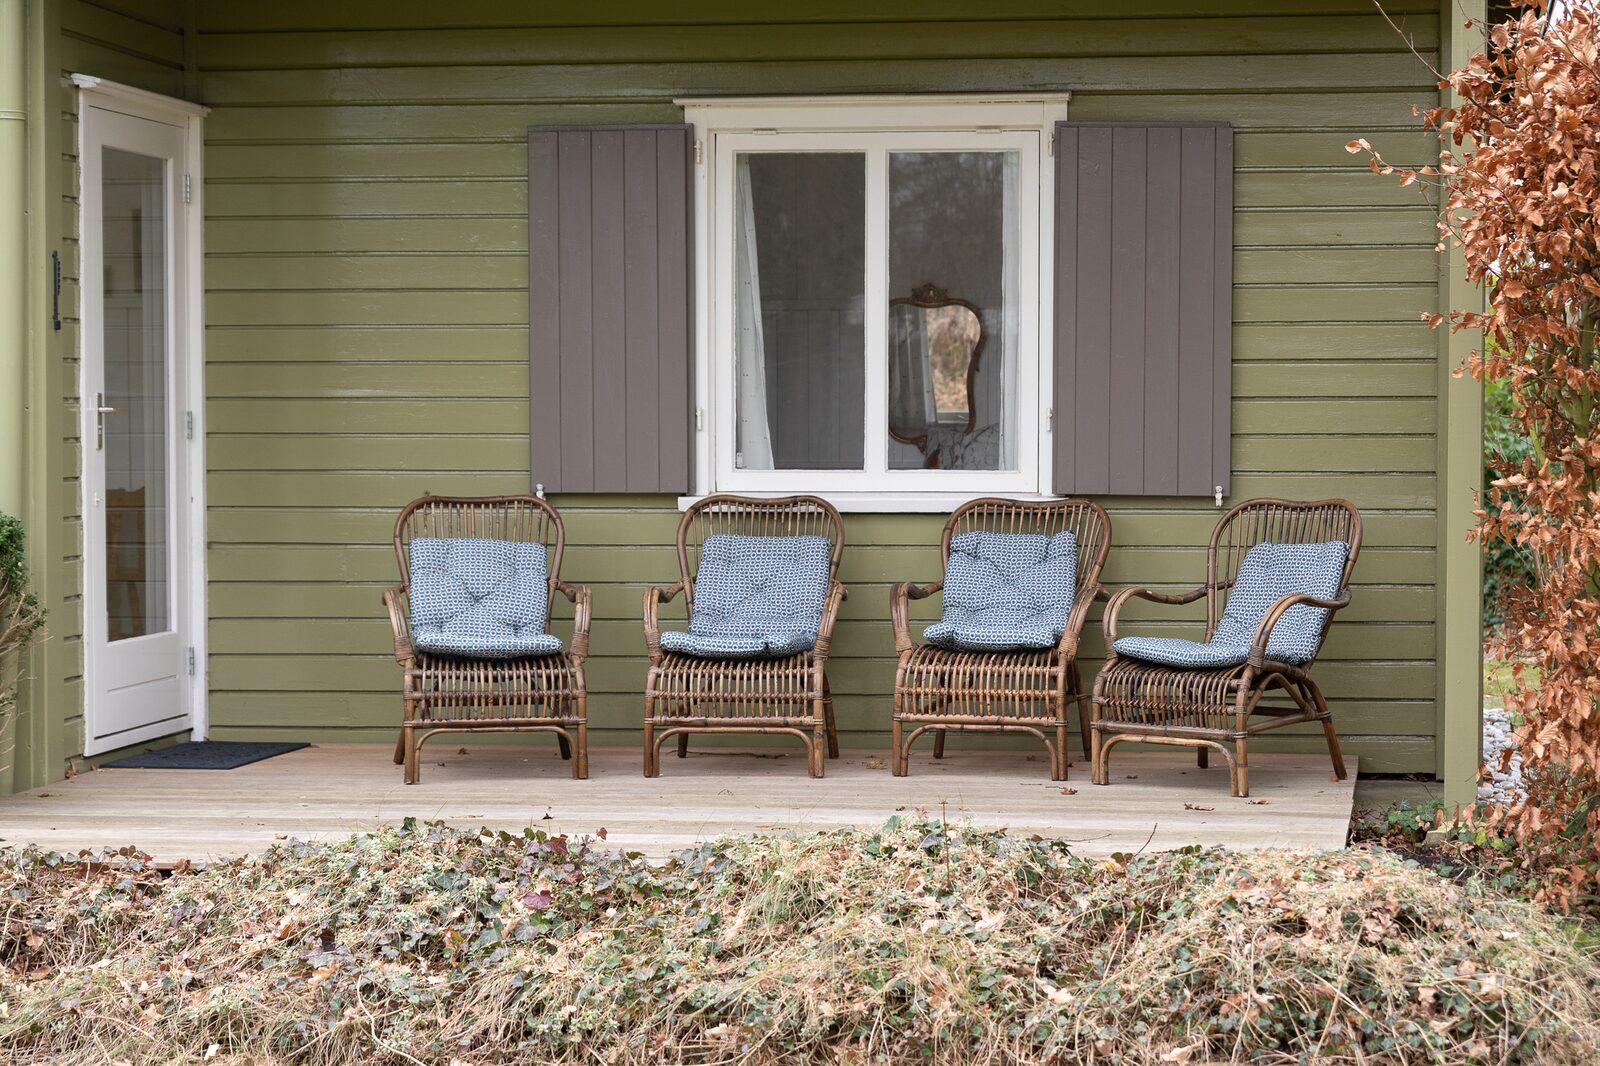 Holidayhouse - Populierenlaan 8 | Burgh-Haamstede